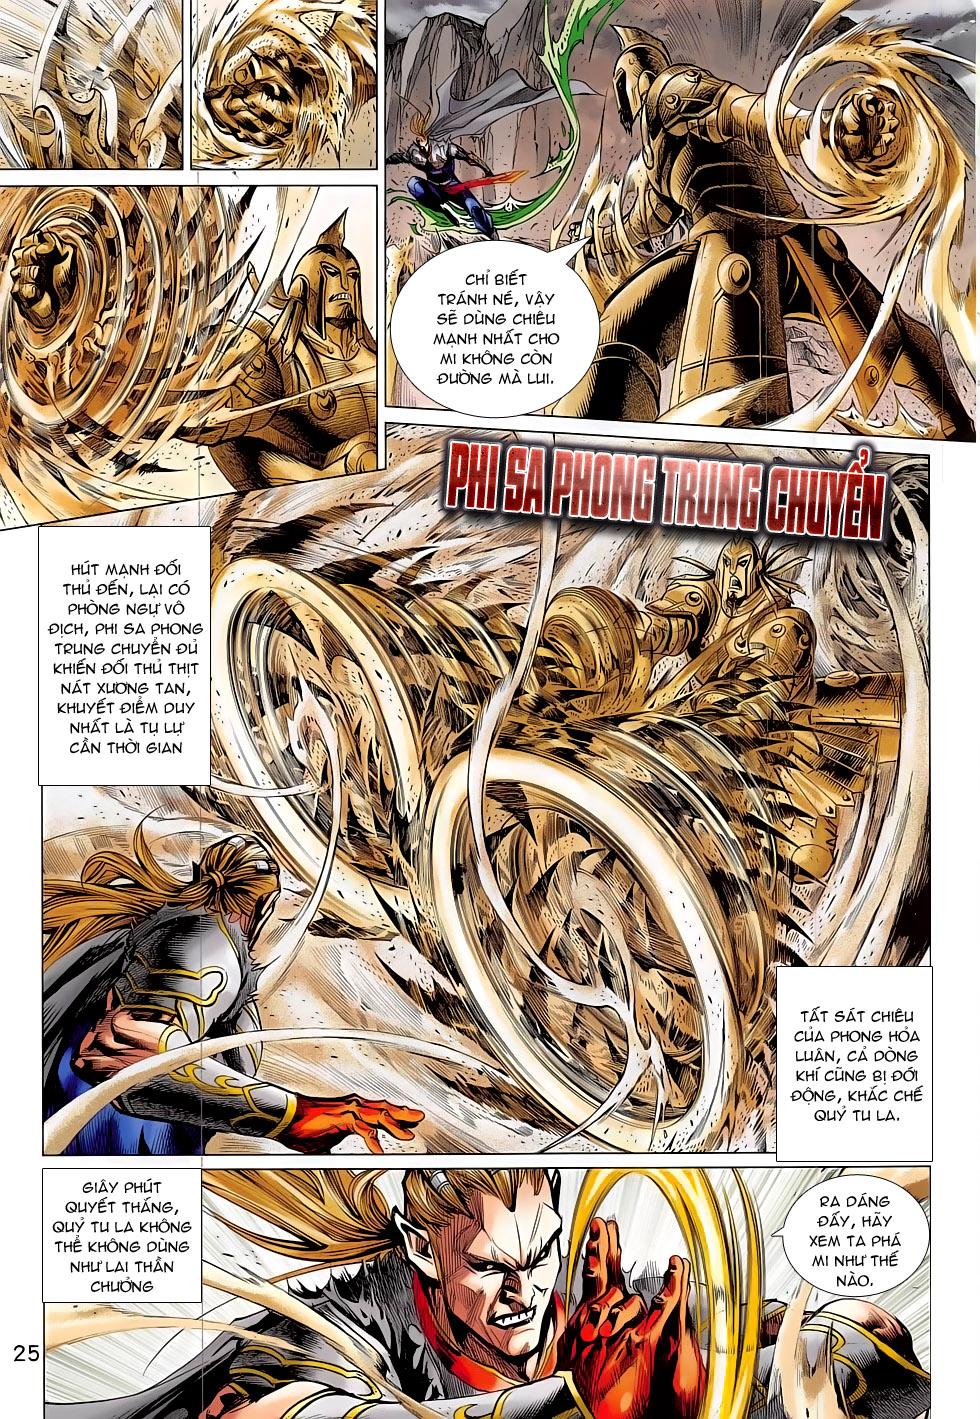 Thần Chưởng trang 25